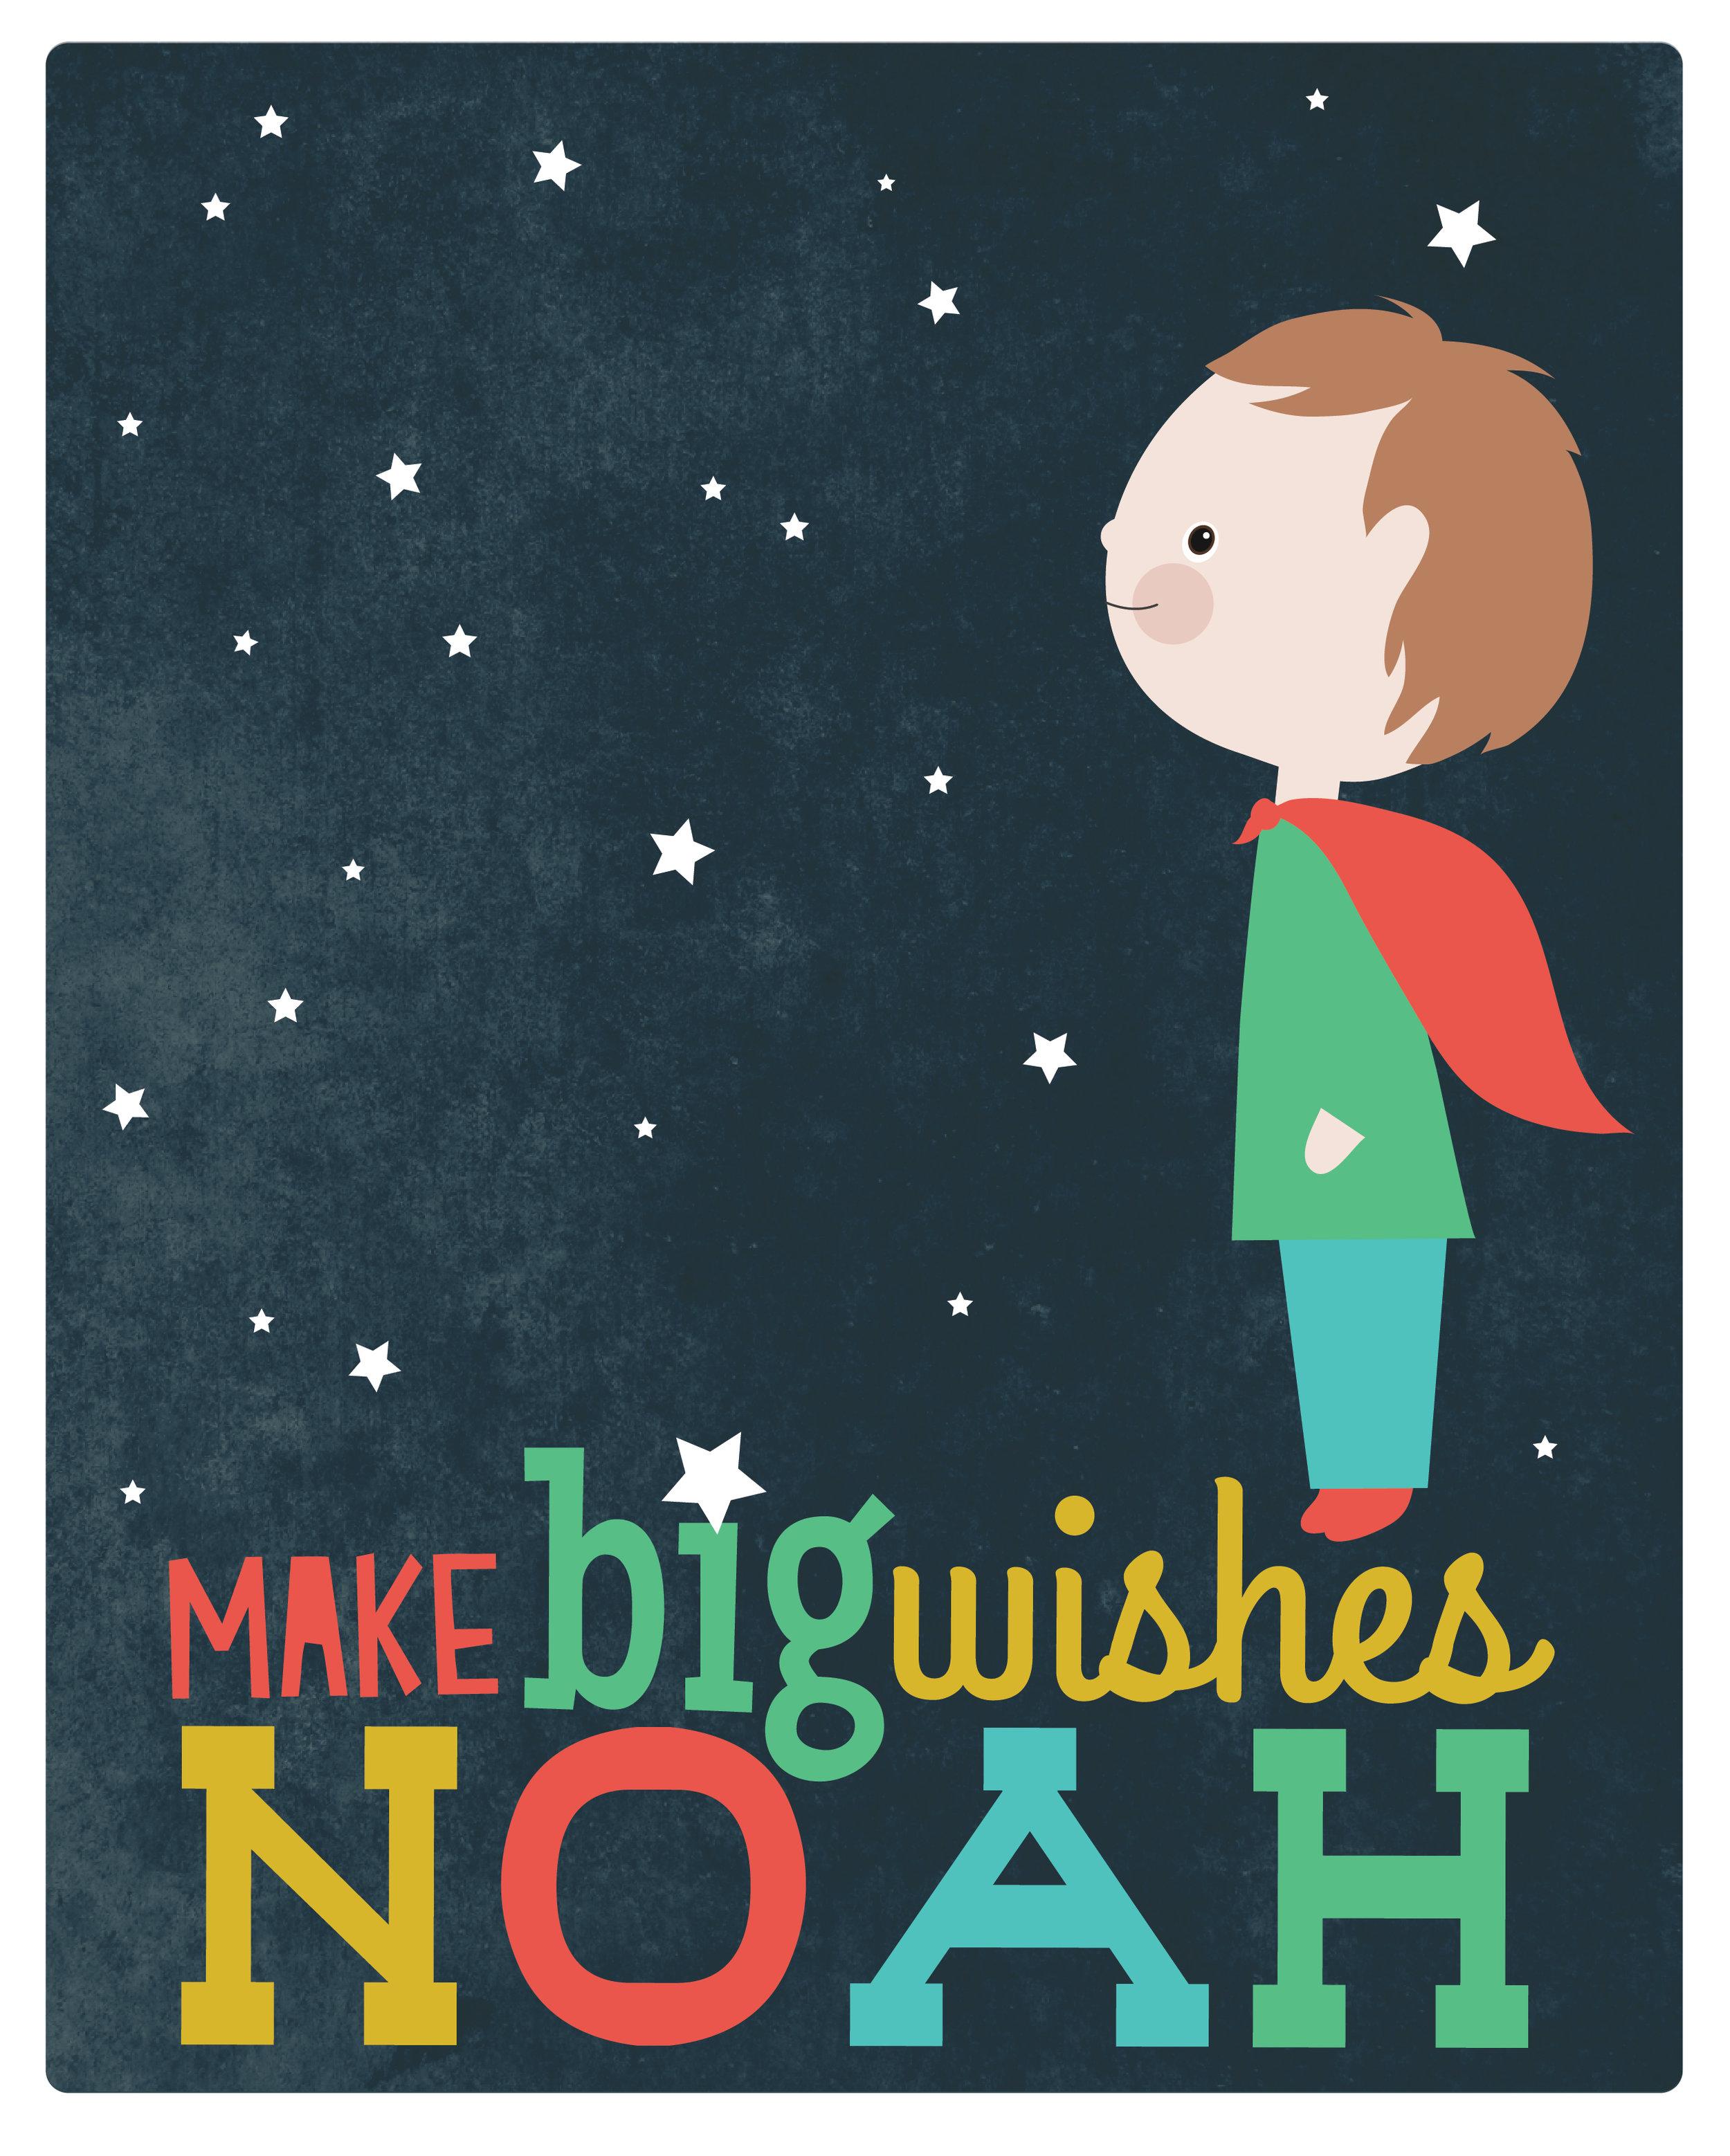 big wishes BOY NOAH-01.jpg